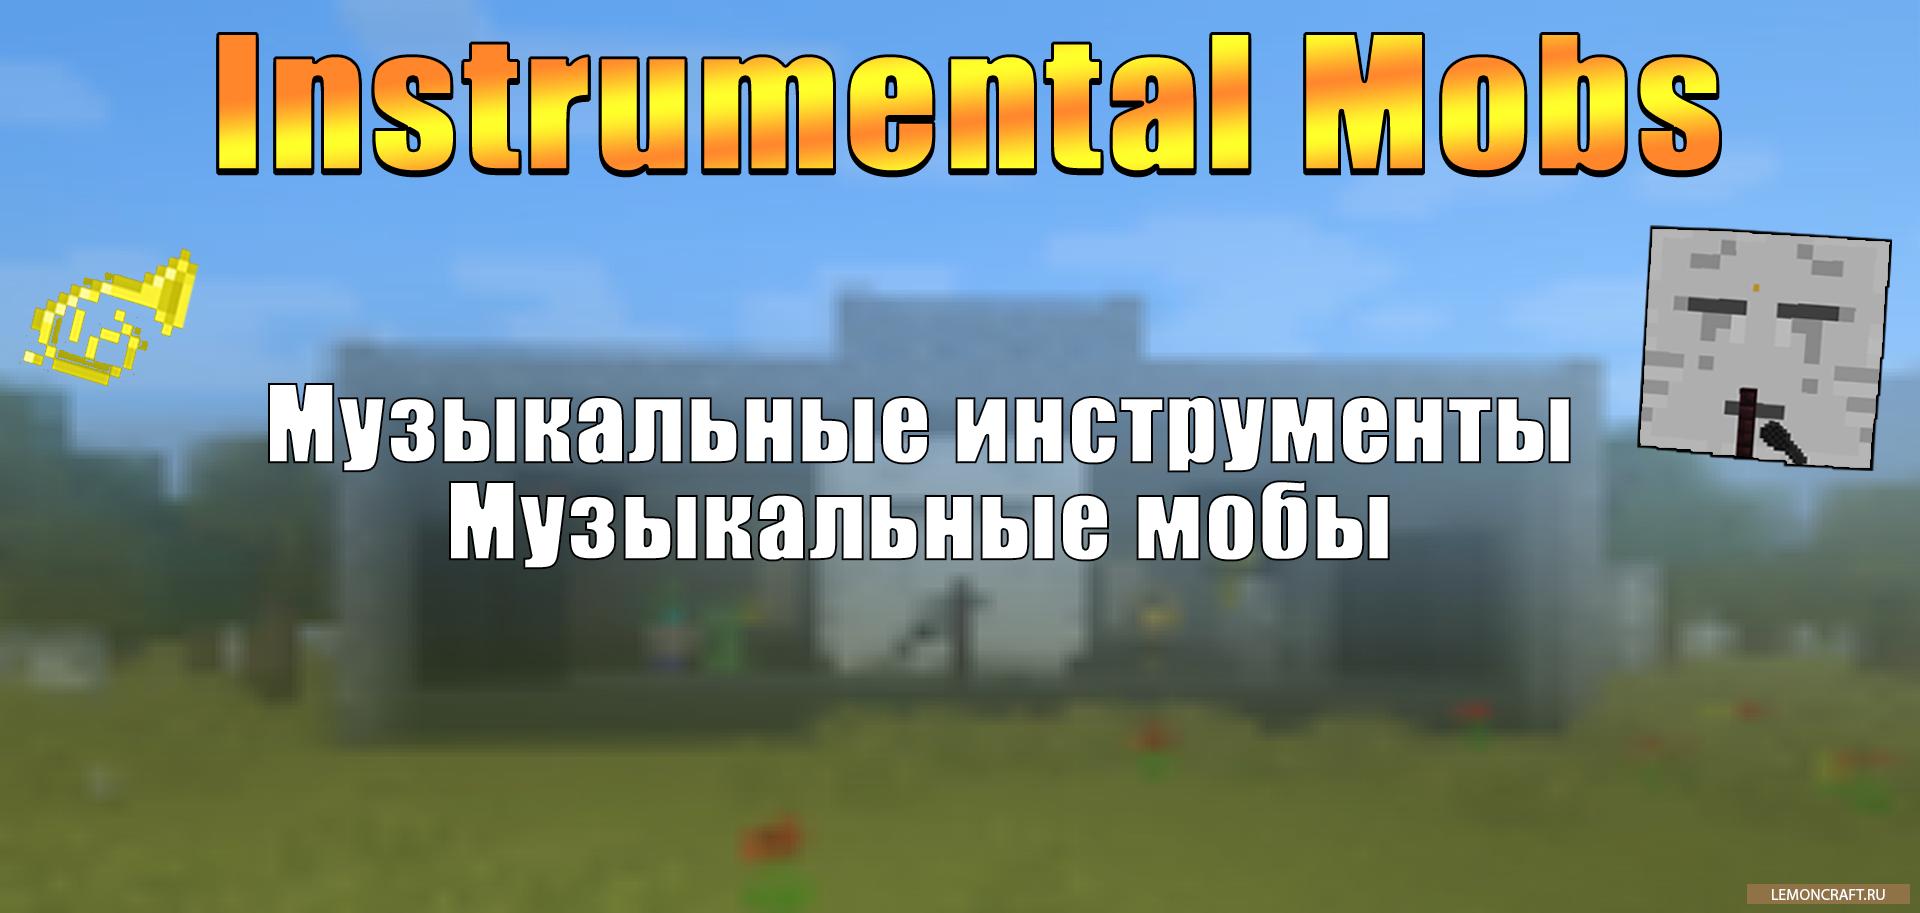 Мод на музыкальные инструменты Instrumental Mobs [1.16.3] [1.12.2]